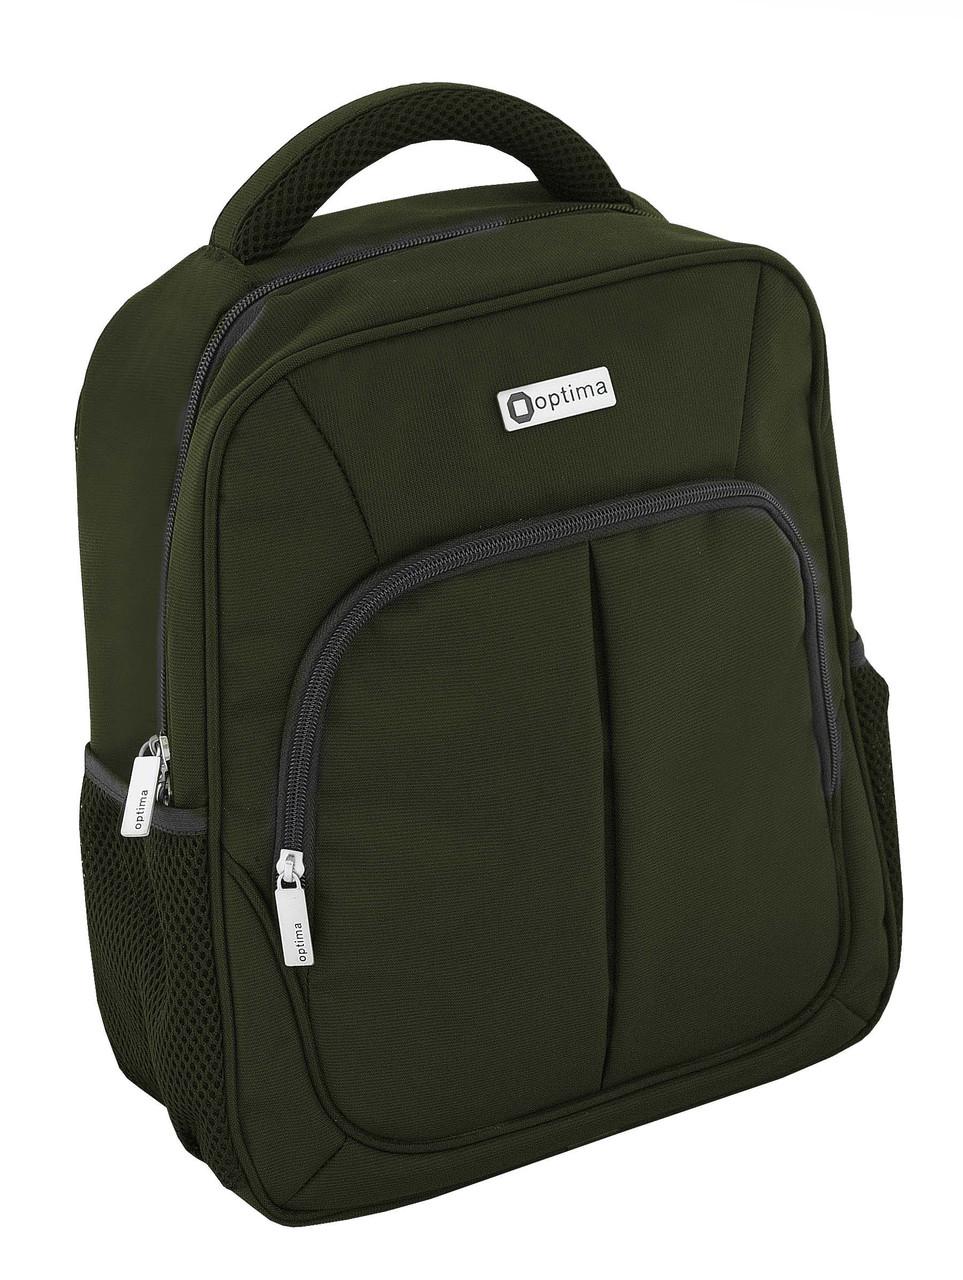 Рюкзак деловой optima как прошить лямки рюкзака